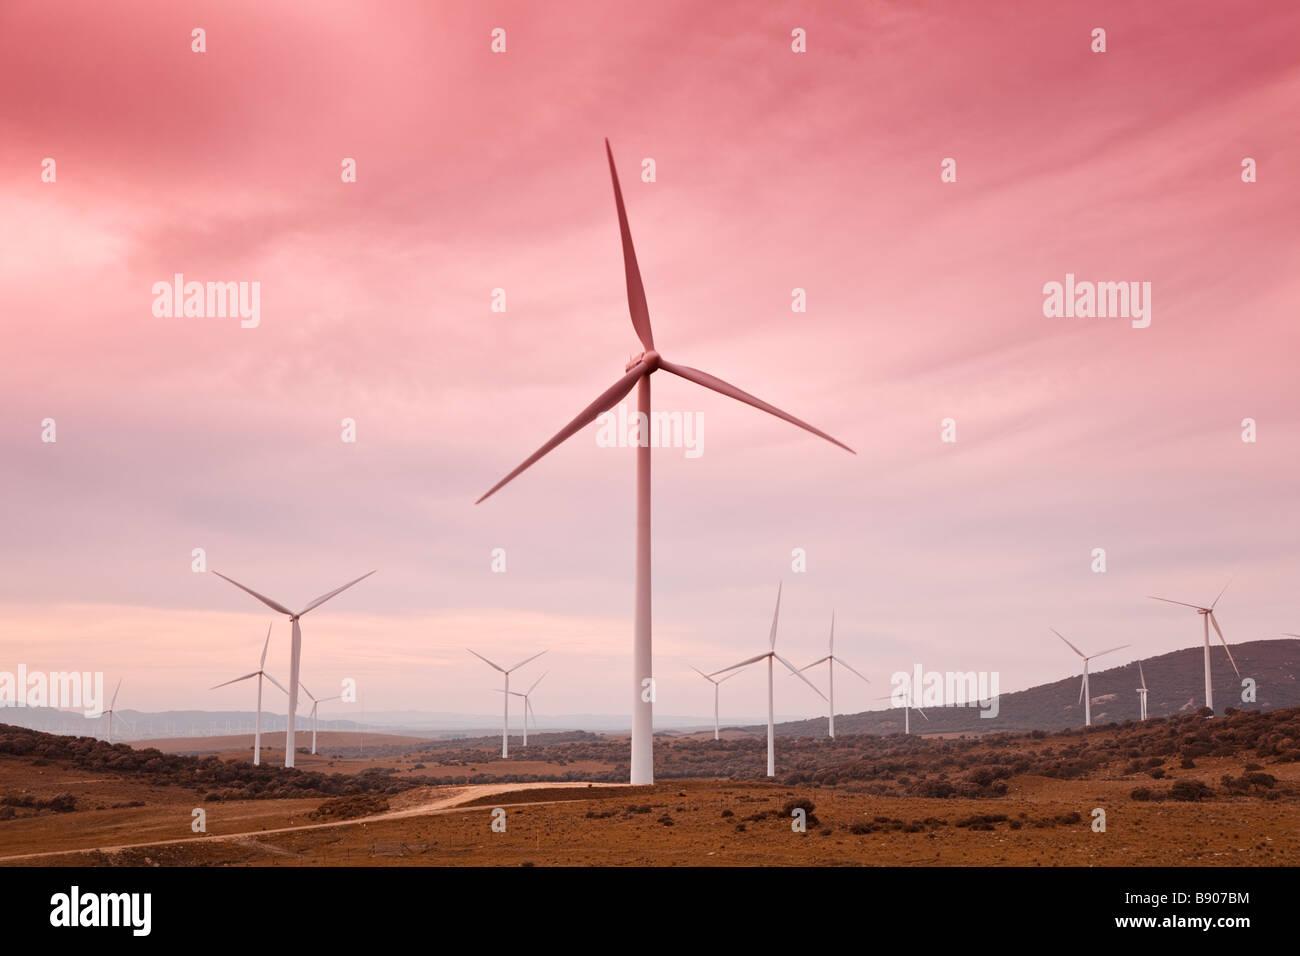 Windpark in der Nähe von Facinas Provinz Cadiz Spanien Stockbild